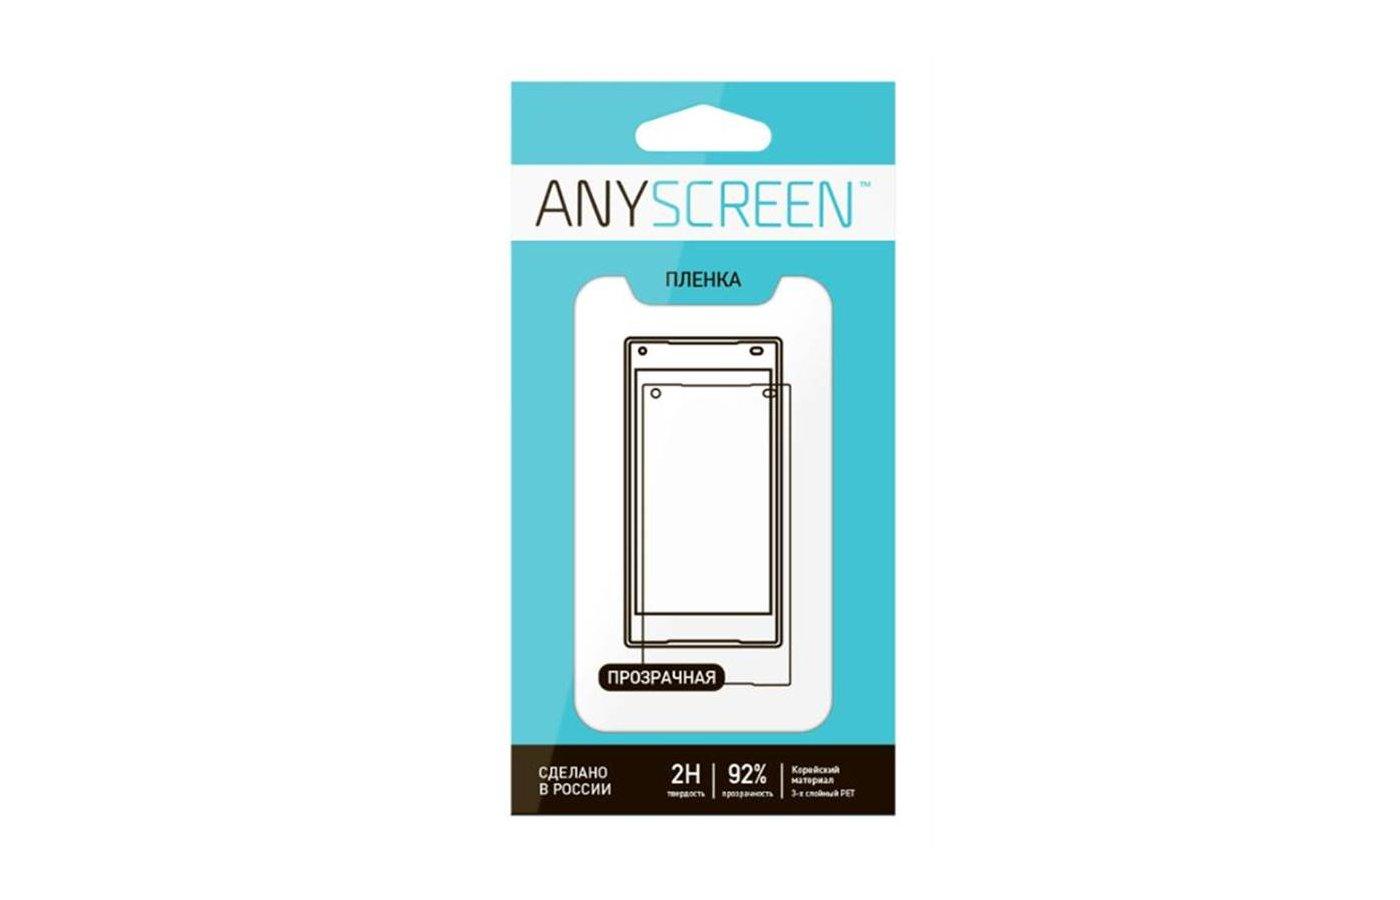 Стекло AnyScreen пленка для Micromax Bolt S302 прозрачная